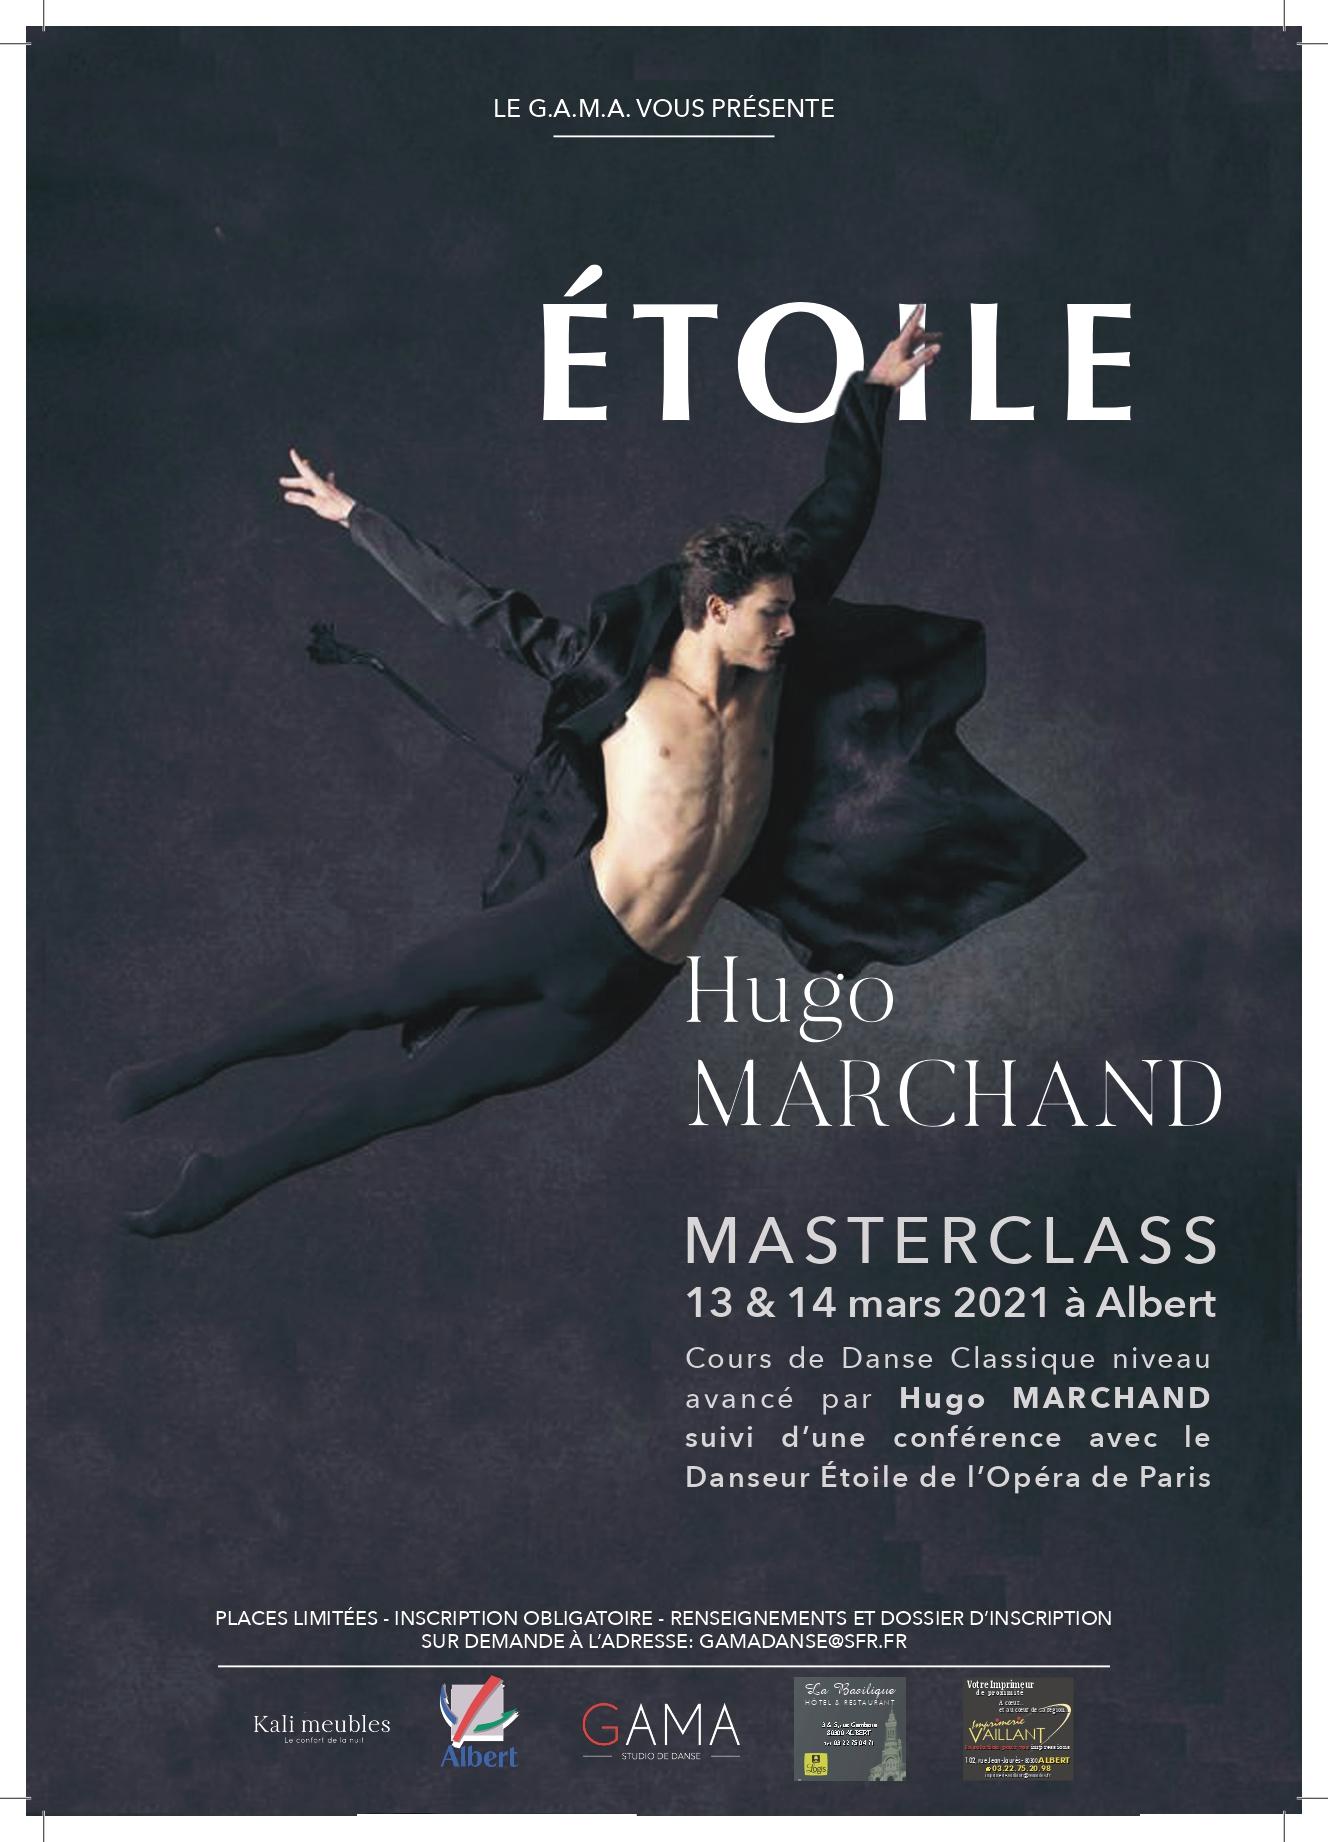 Masterclass par Hugo Marchand les 13 & 14 Mars 2021